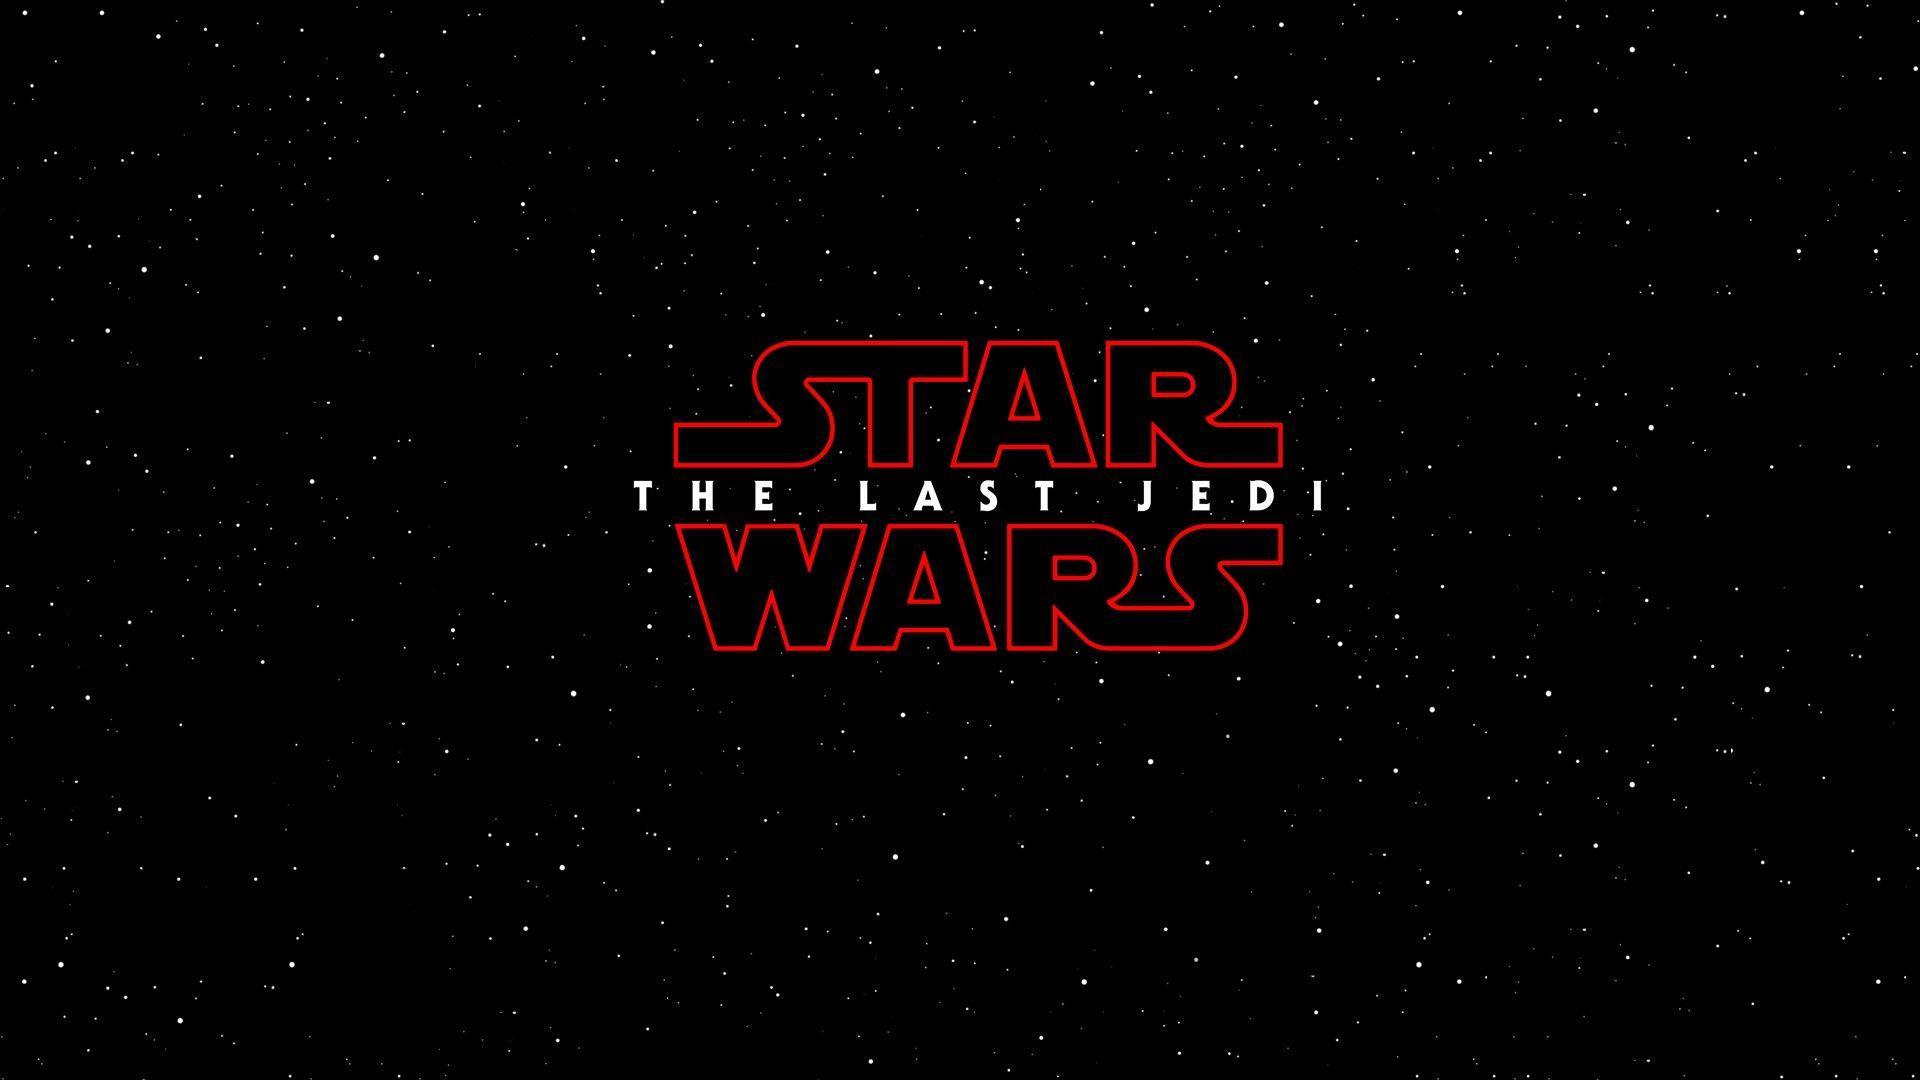 Star Wars The Last Jedi Wallpapers Top Free Star Wars The Last